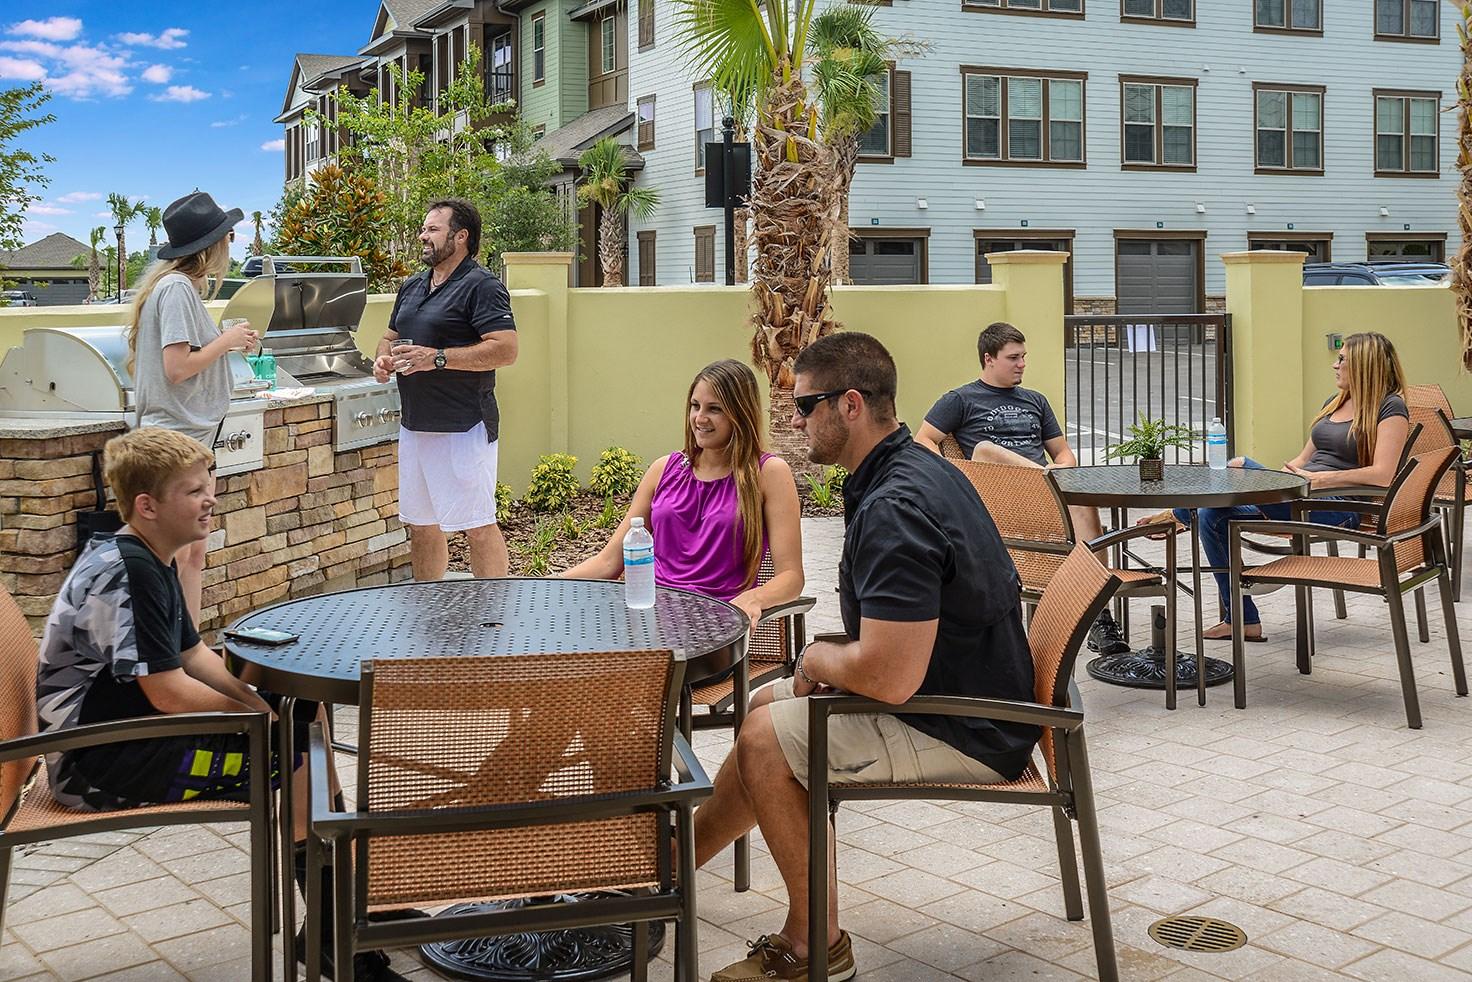 Grills at Circa at FishHawk Ranch Apartments in Lithia, FL